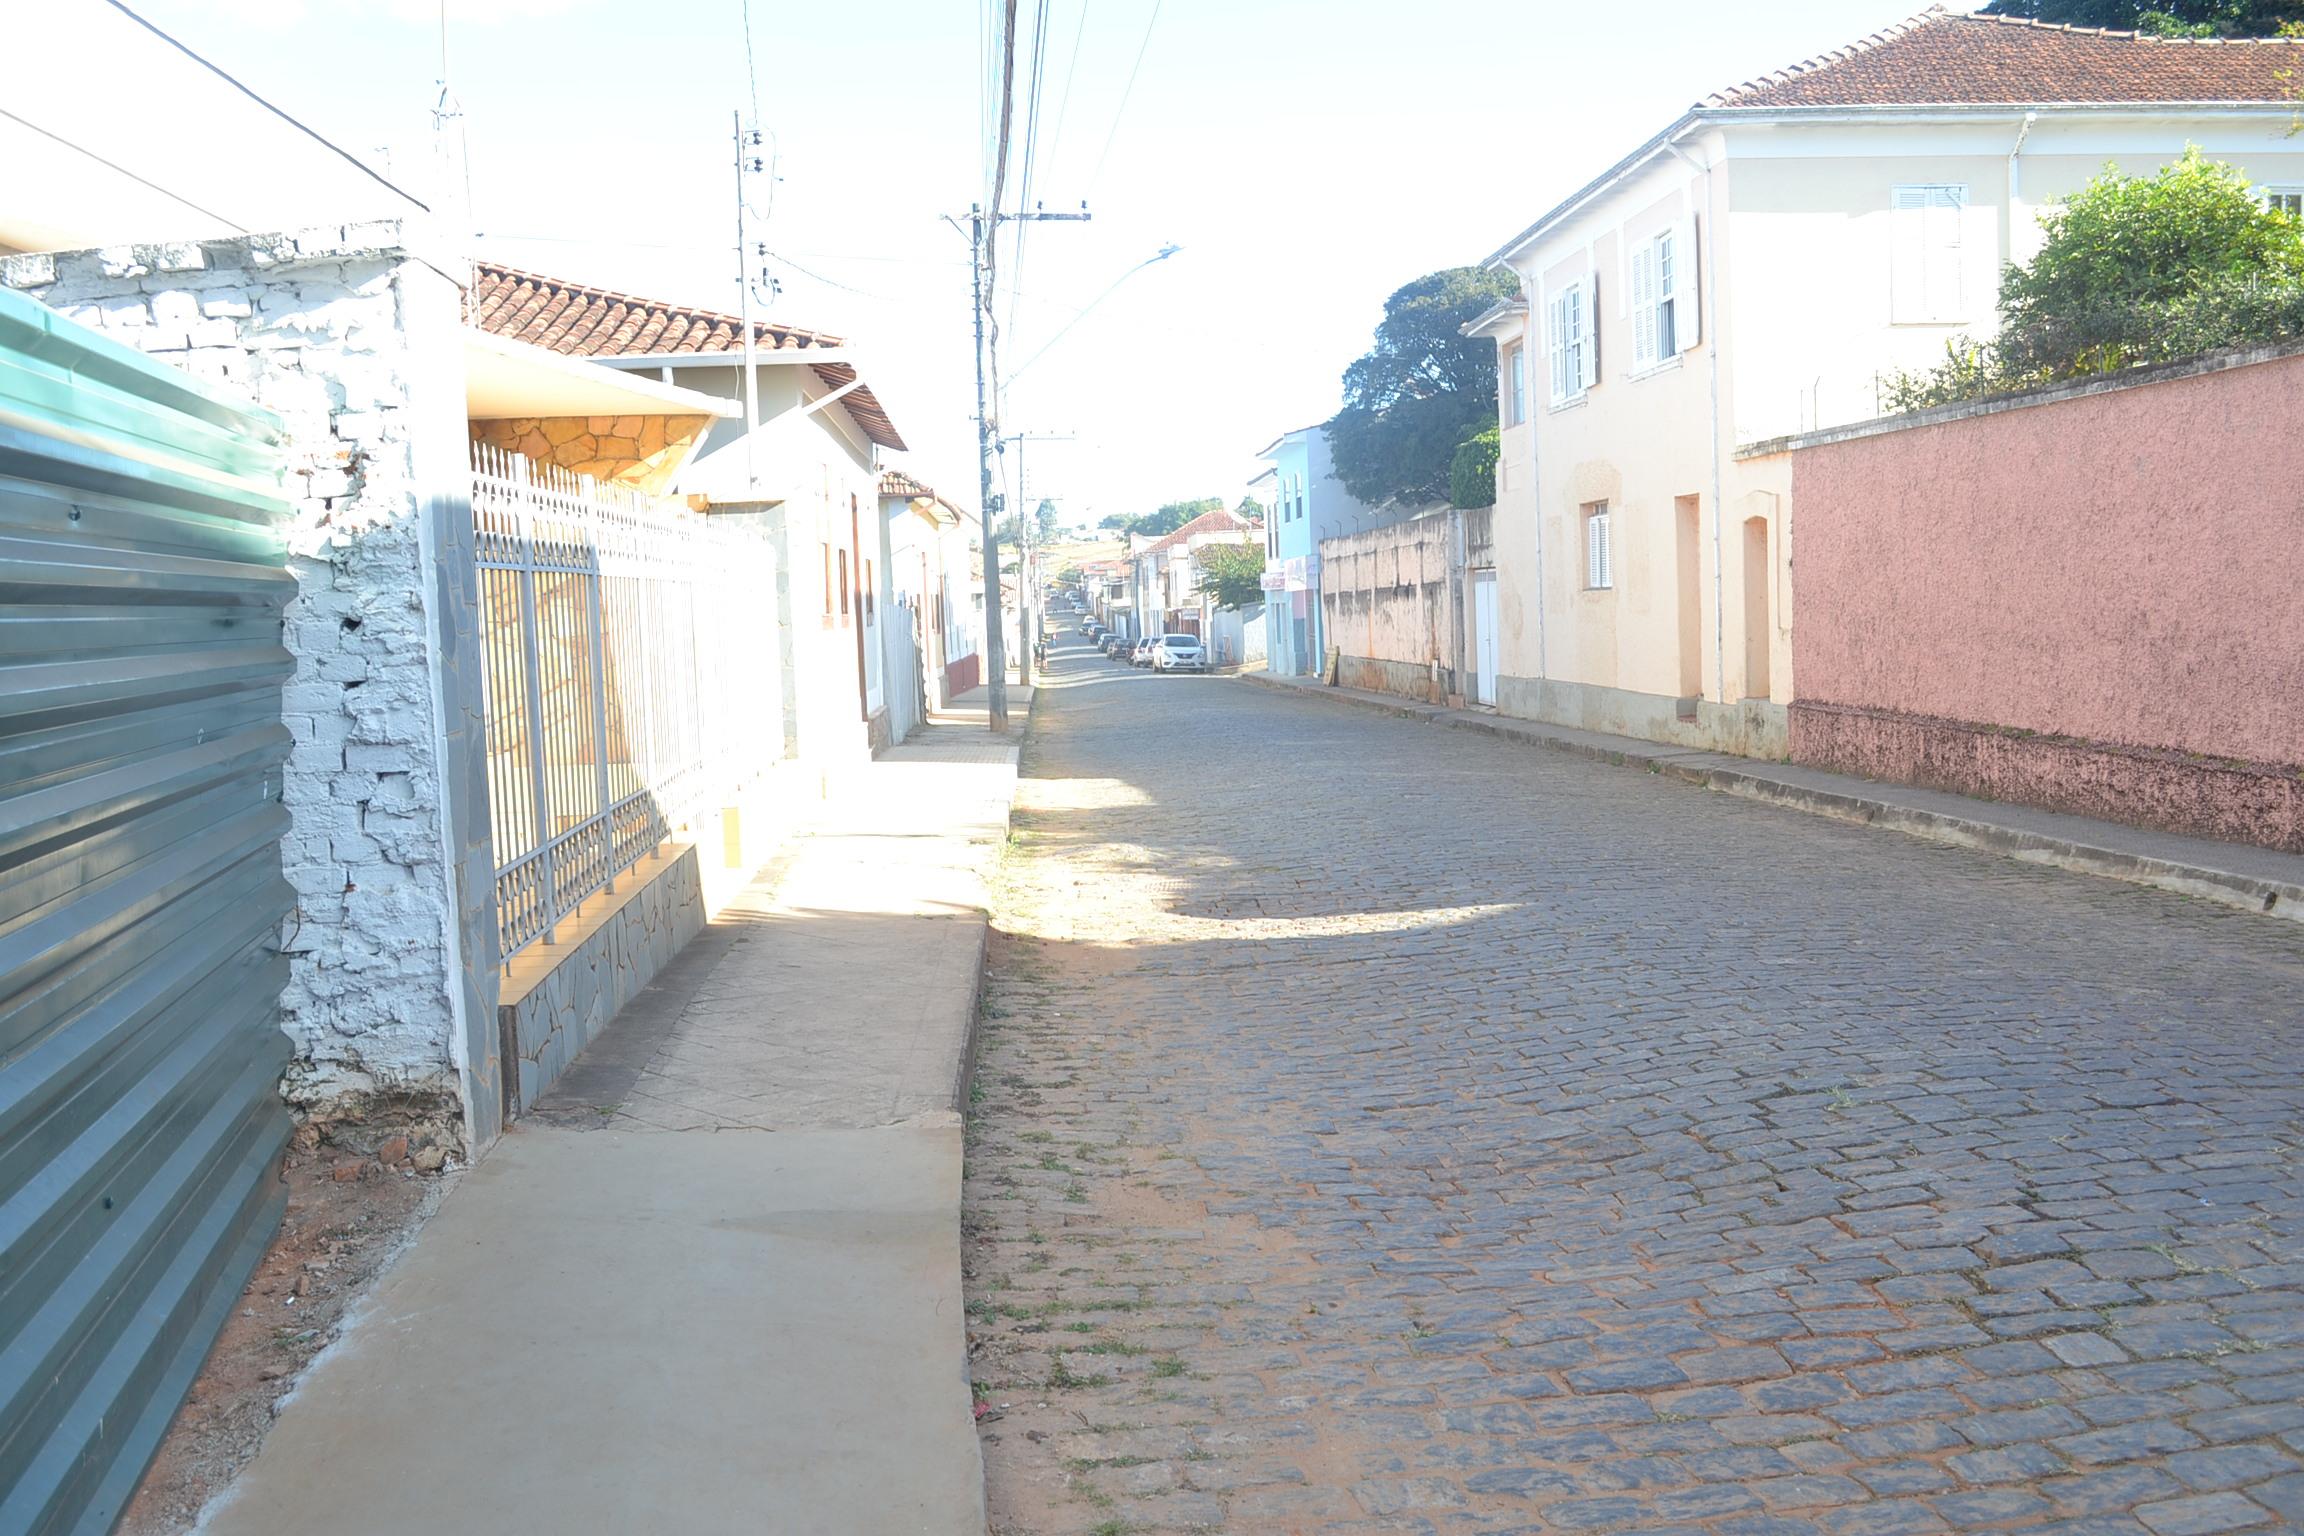 Indicação pede a construção de redutores de velocidade em todos os entrocamentos das Ruas Evaristo da Veiga